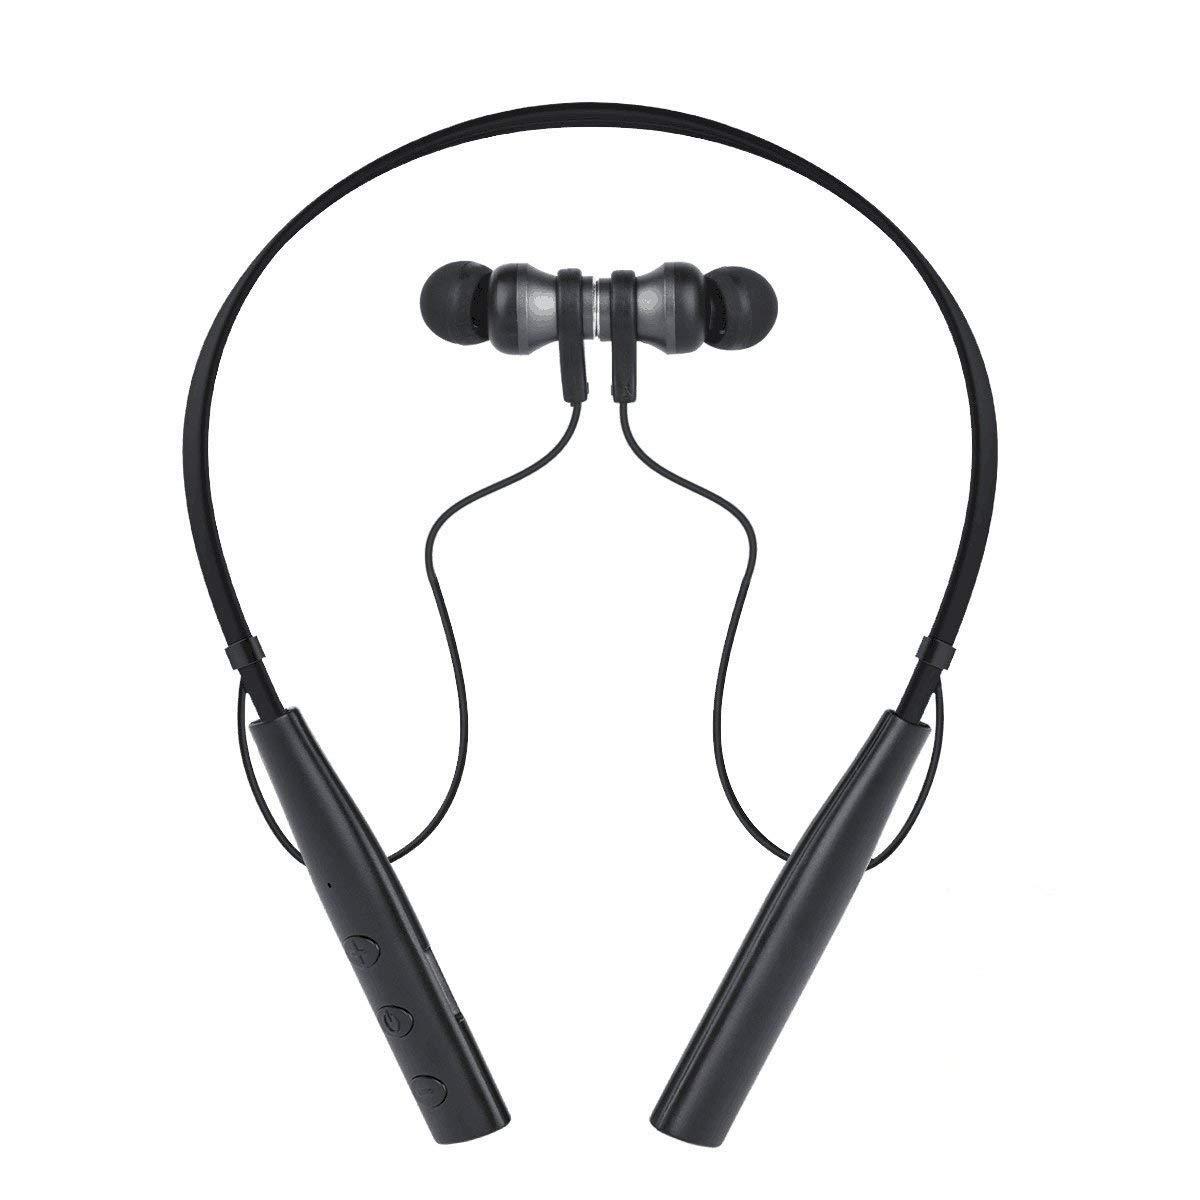 Auriculares Bluetooth TIMMY Cascos inalámbricos Auricular Deportivos Auricolari Estéreo Magnéticos con Micrófono, Cancelación de ruido, soporte ...